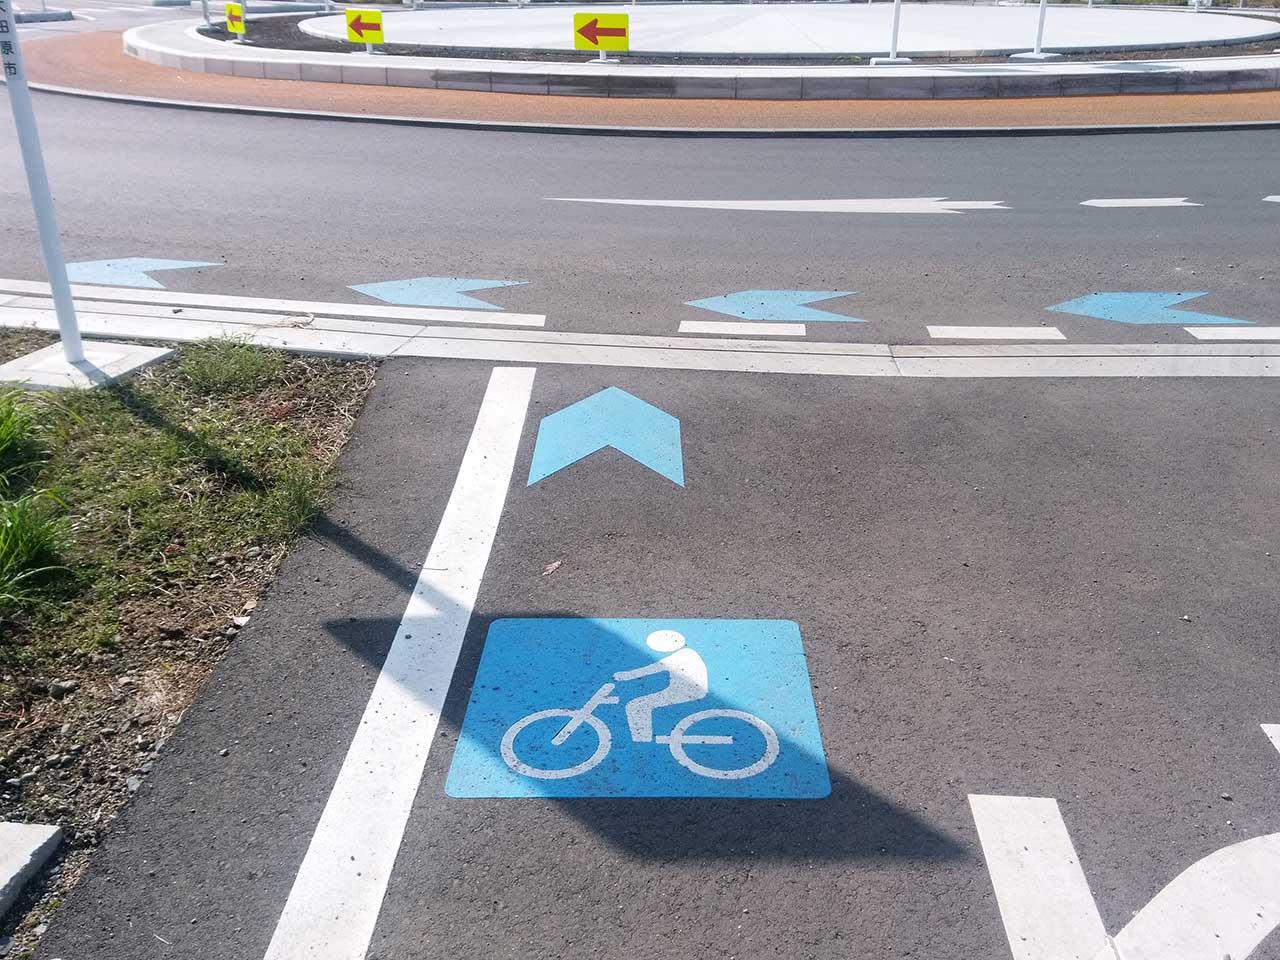 ラウンドアバウト 自転車マーク 矢羽根